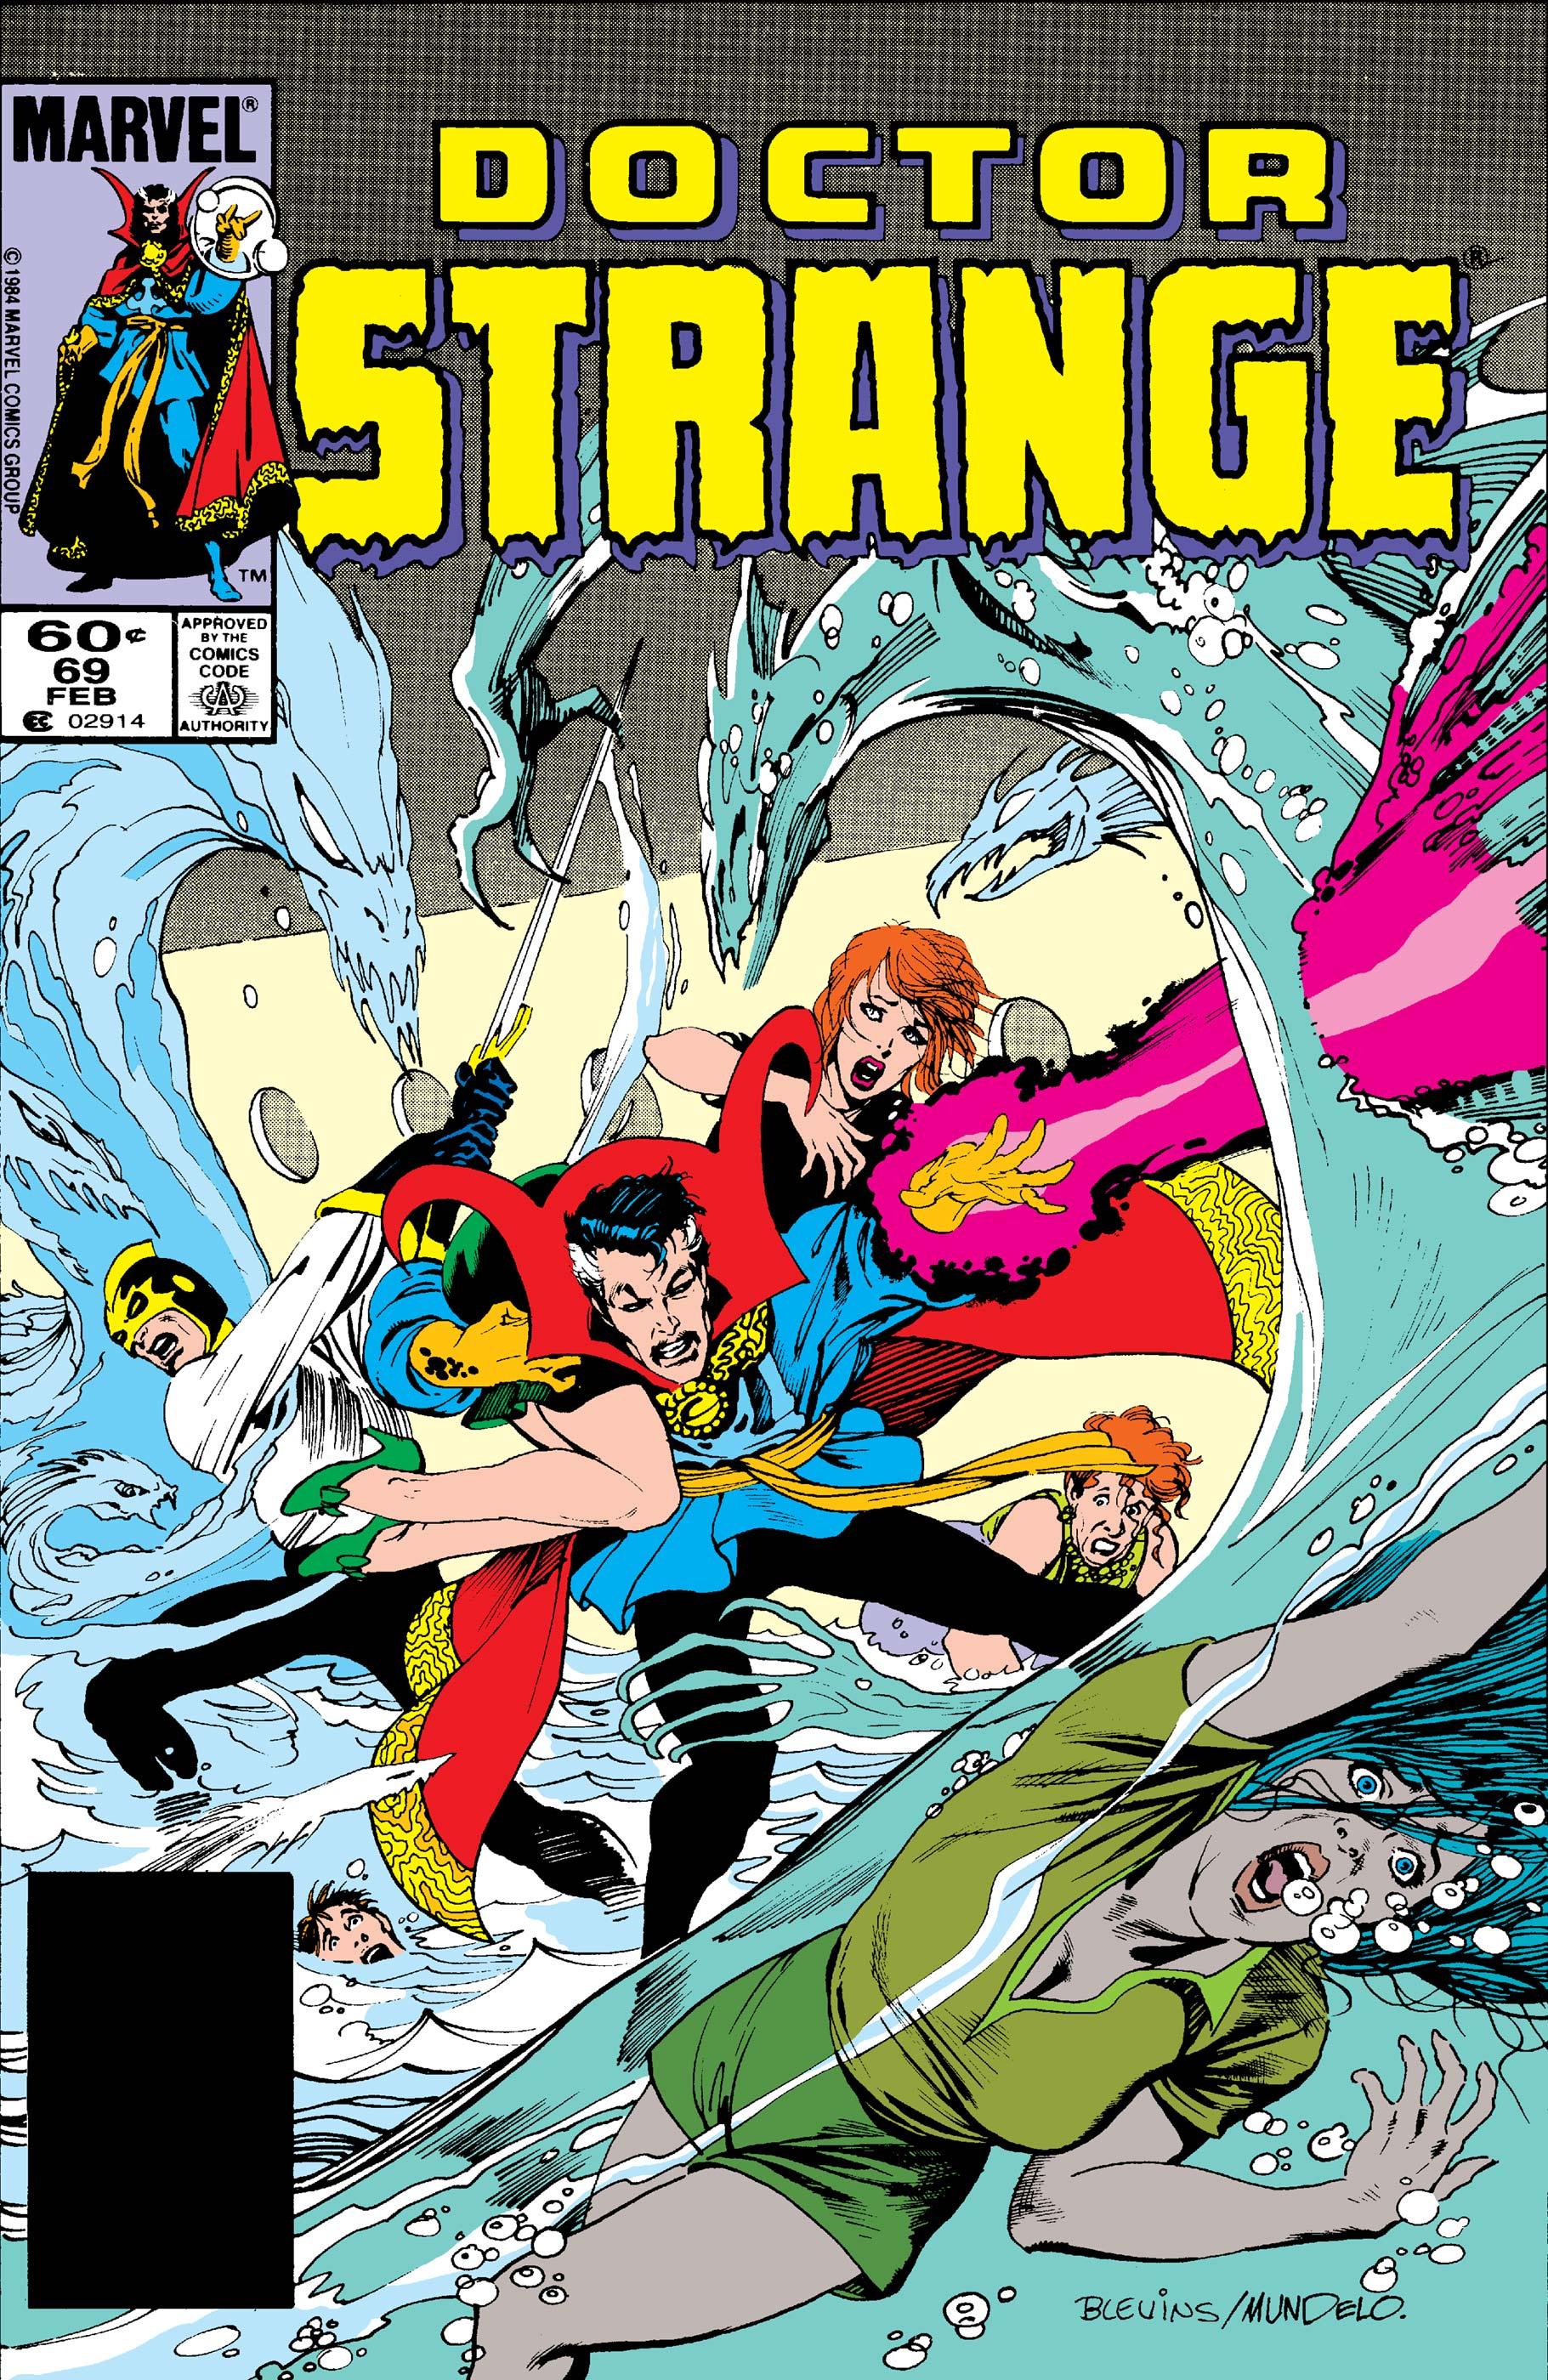 Doctor Strange (1974) #69